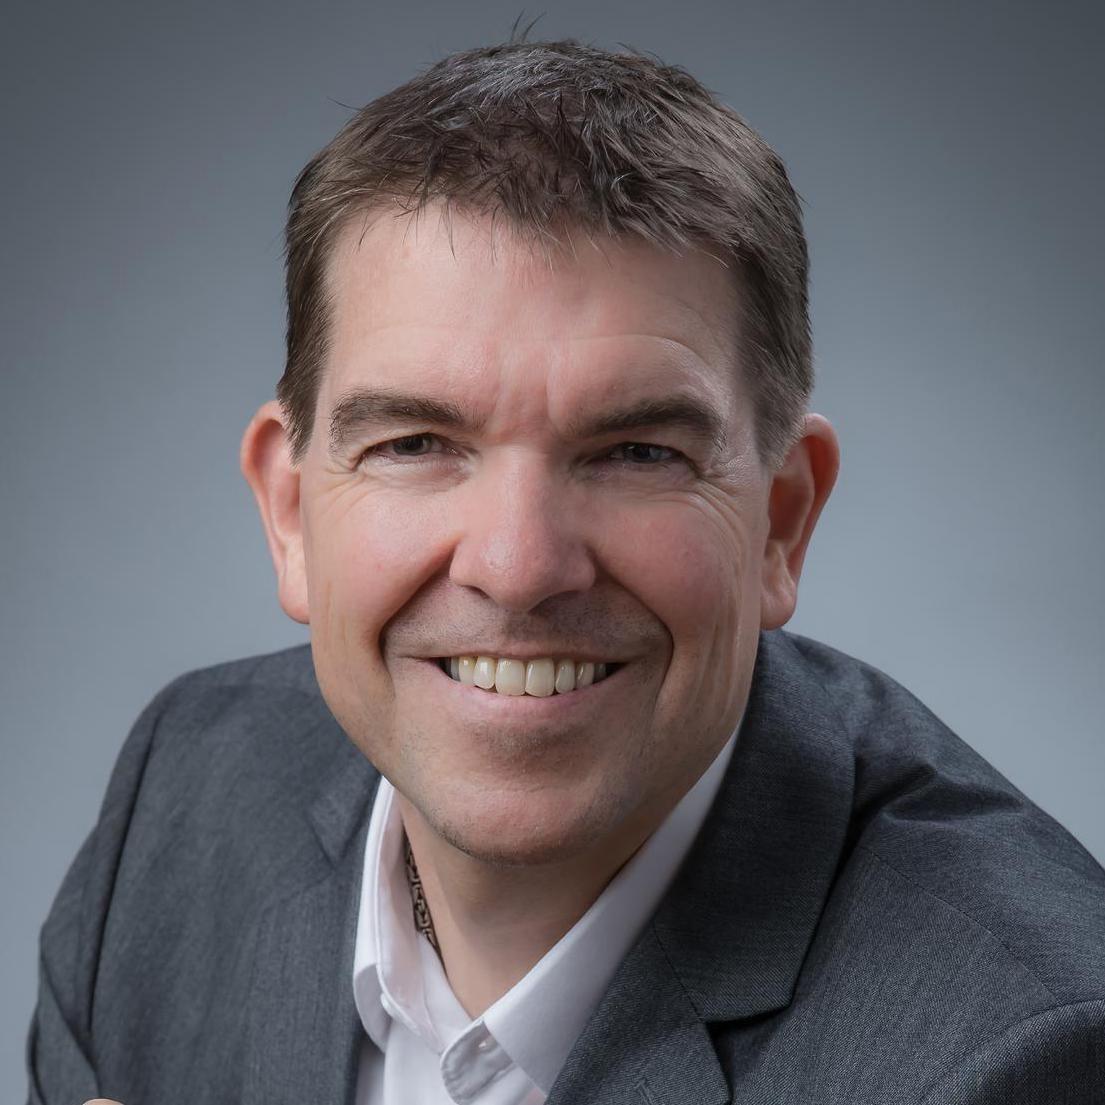 Maarten Van Den Bos